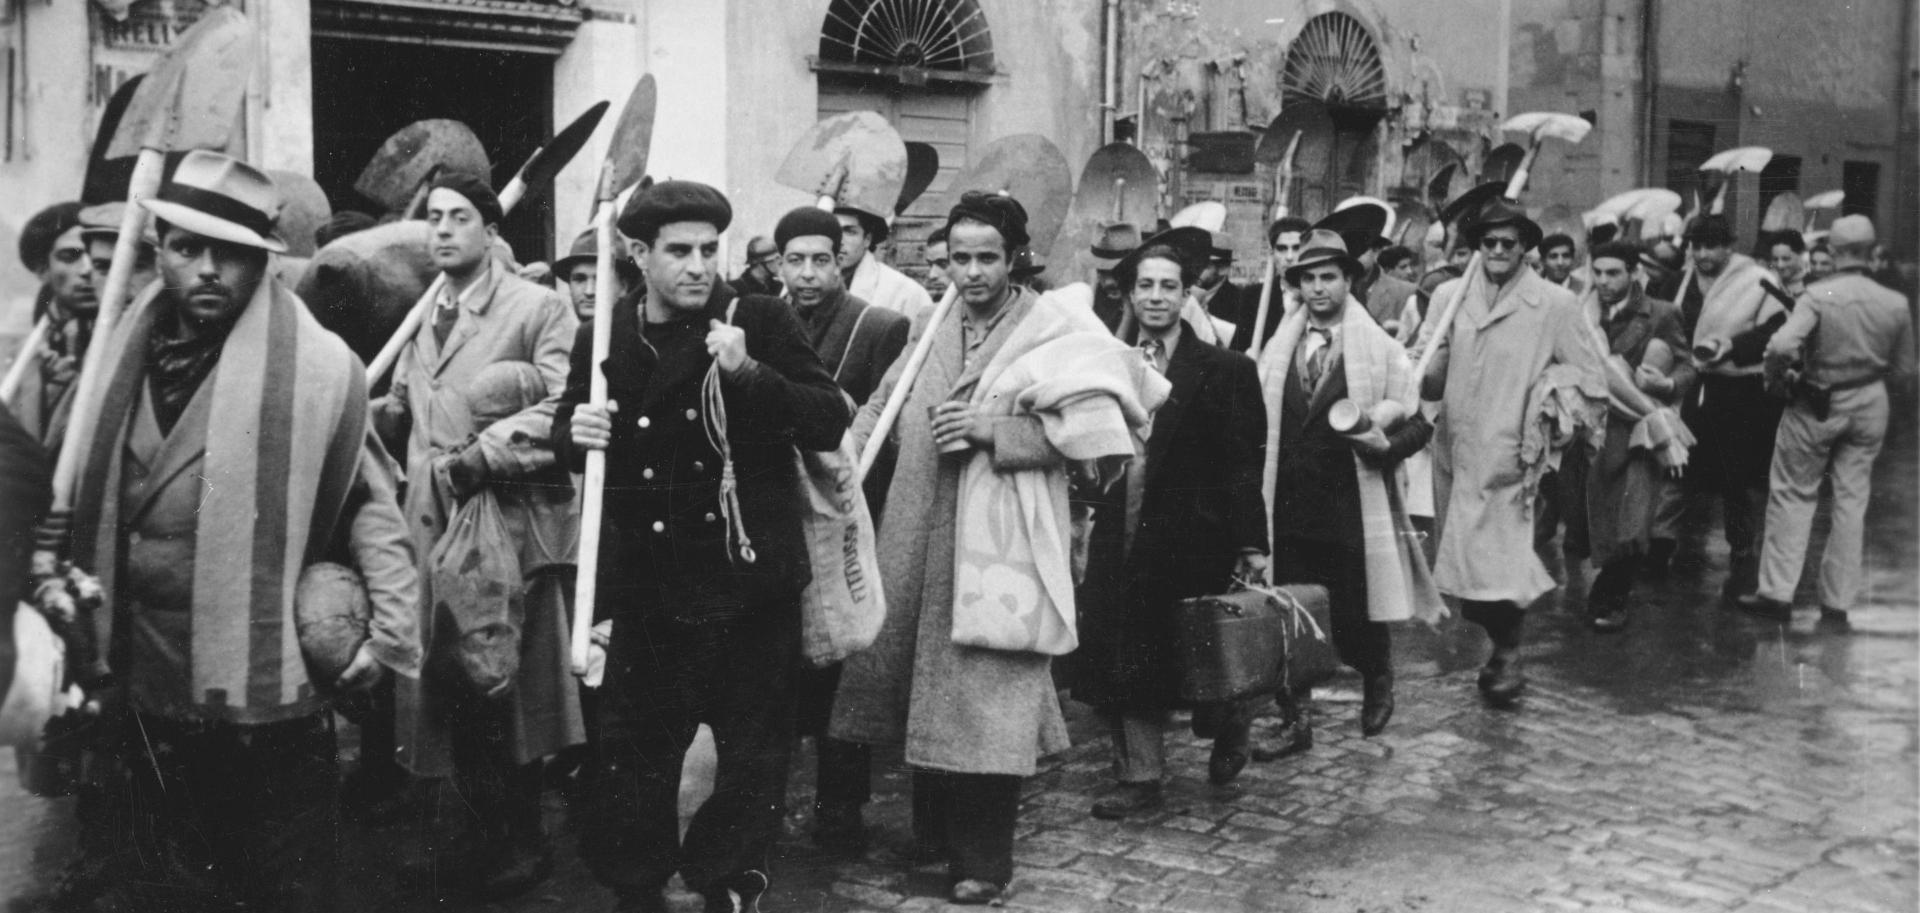 Eine Gruppe von Männern mit Gepäck und Spaten in der Hand